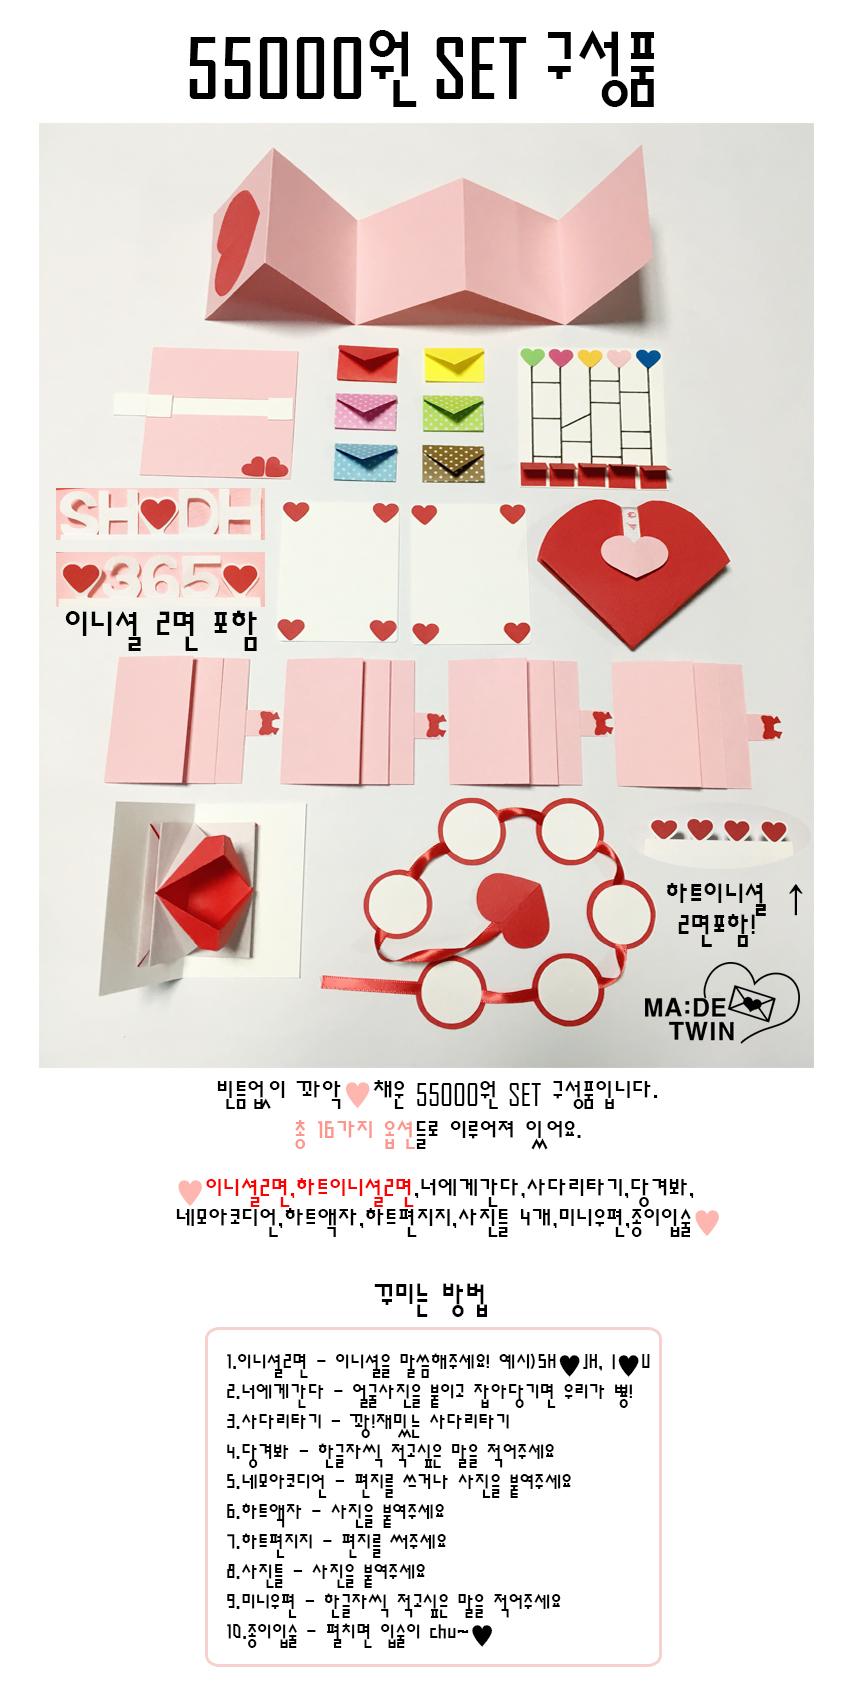 상자편지 완성품 풀세트 남친여친 기념일선물 - 메이드트윈, 55,000원, 편지지, 주문제작/이니셜편지지